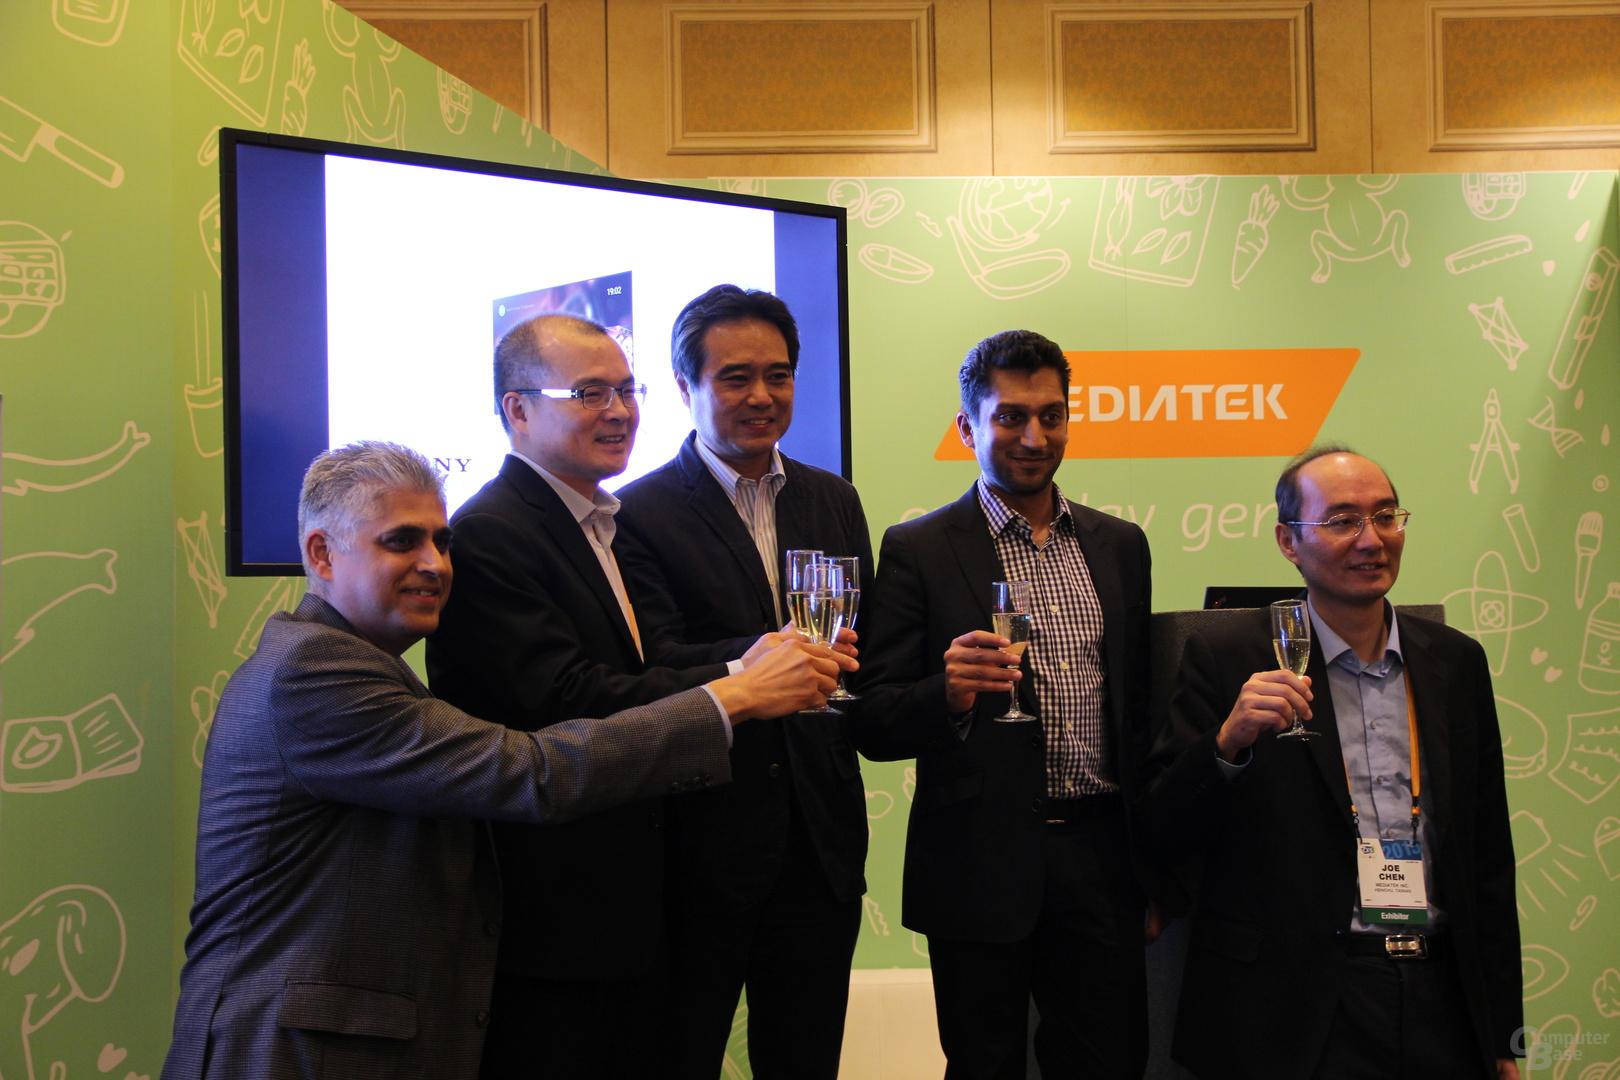 MediaTek, Google und Sony stoßen auf die Partnerschaft an